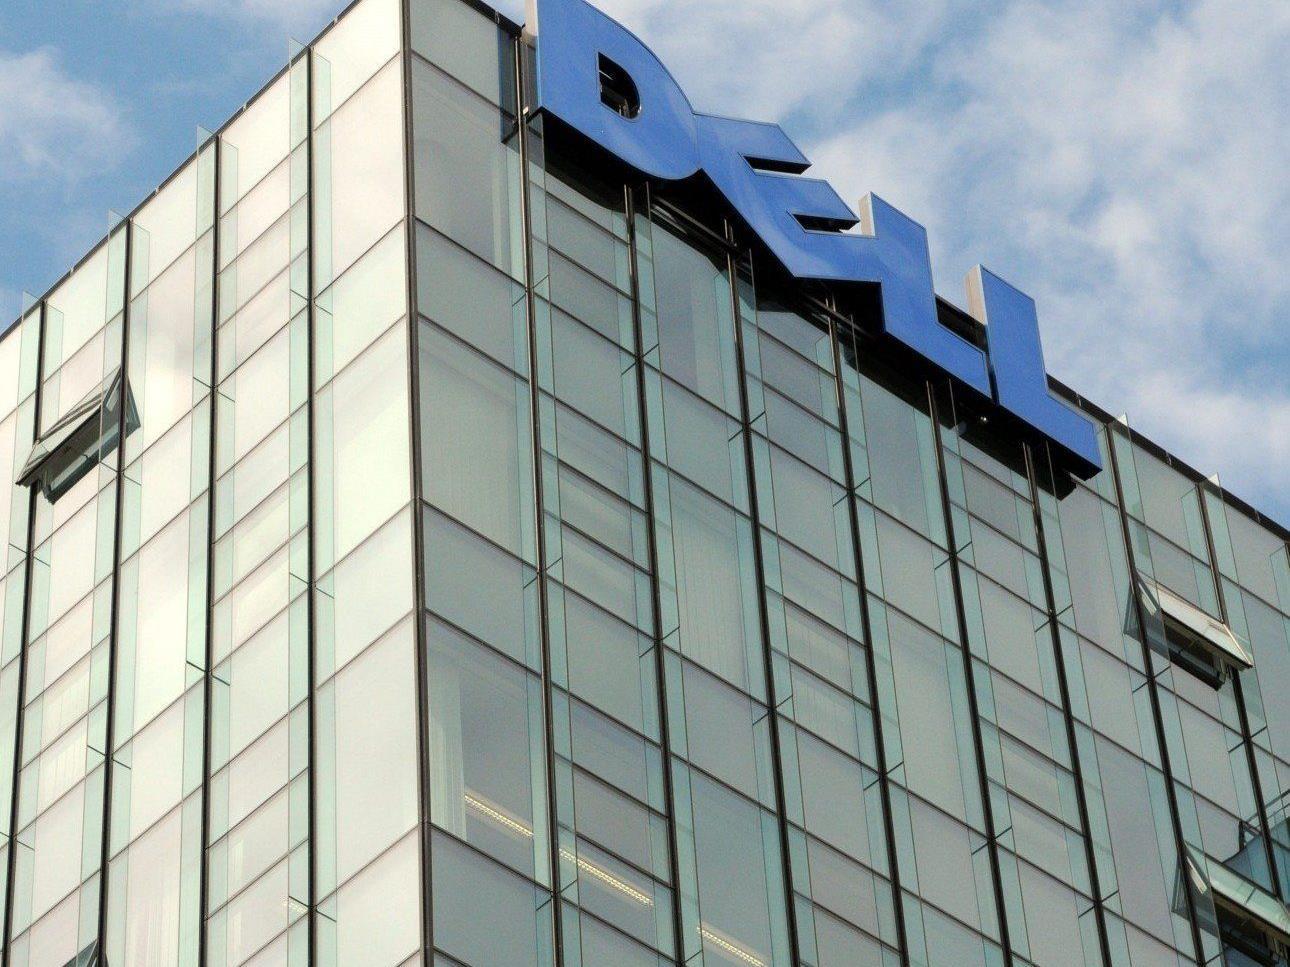 Der US-Konzern Dell möchte in Zukunft den Service-Bereich stärken.